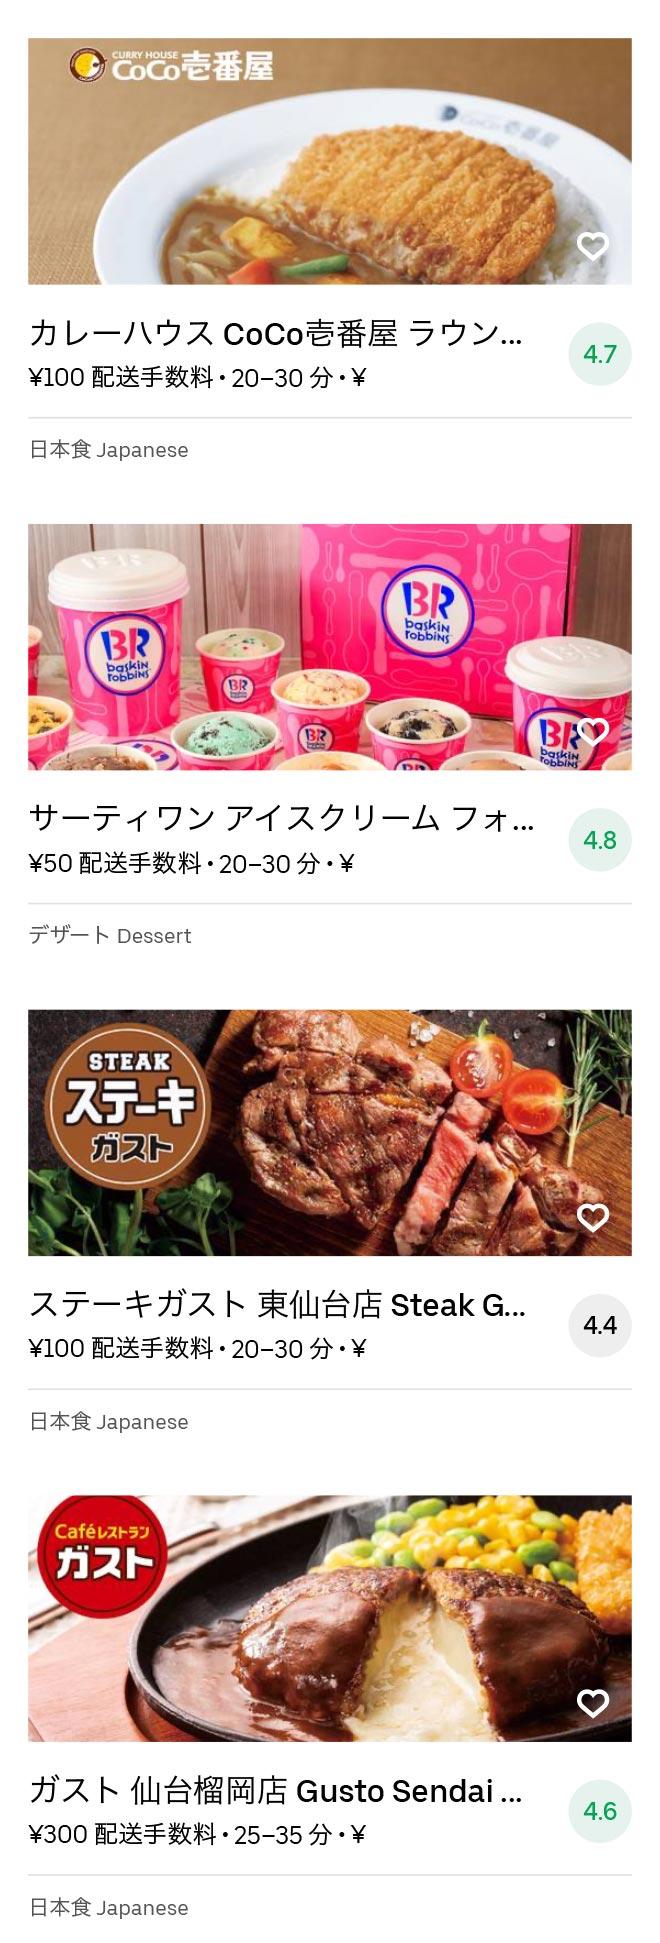 Higashi sendai menu 2008 04